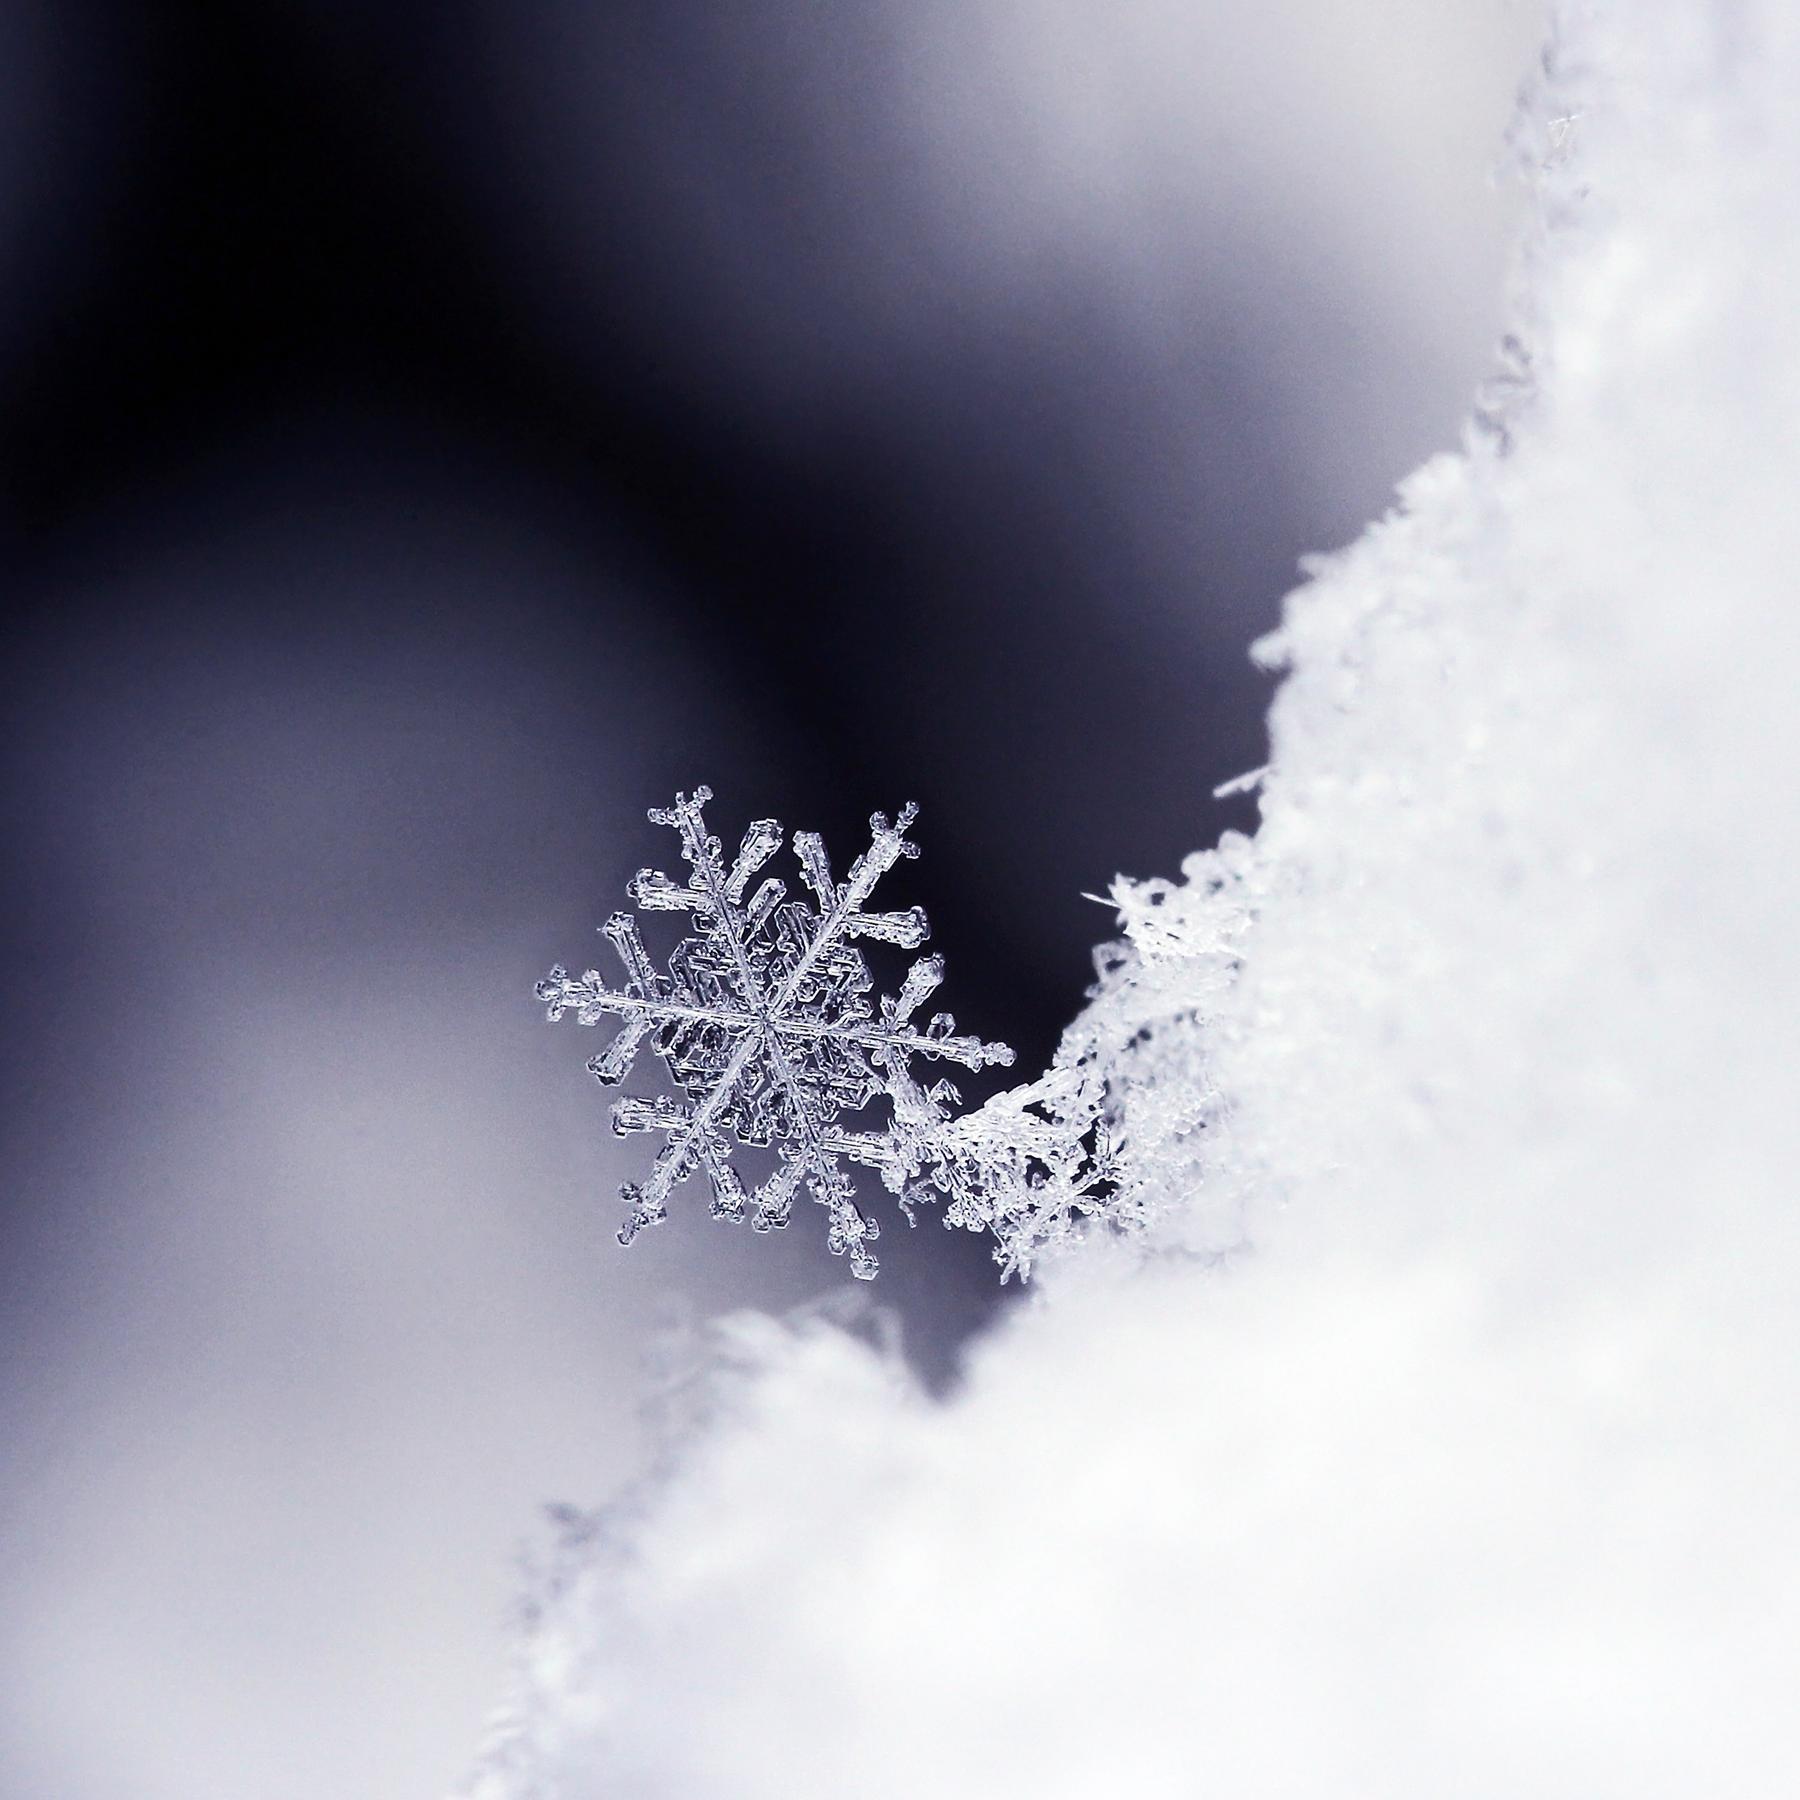 Schnee - Faszinierende Flocken und ihre Geheimnisse